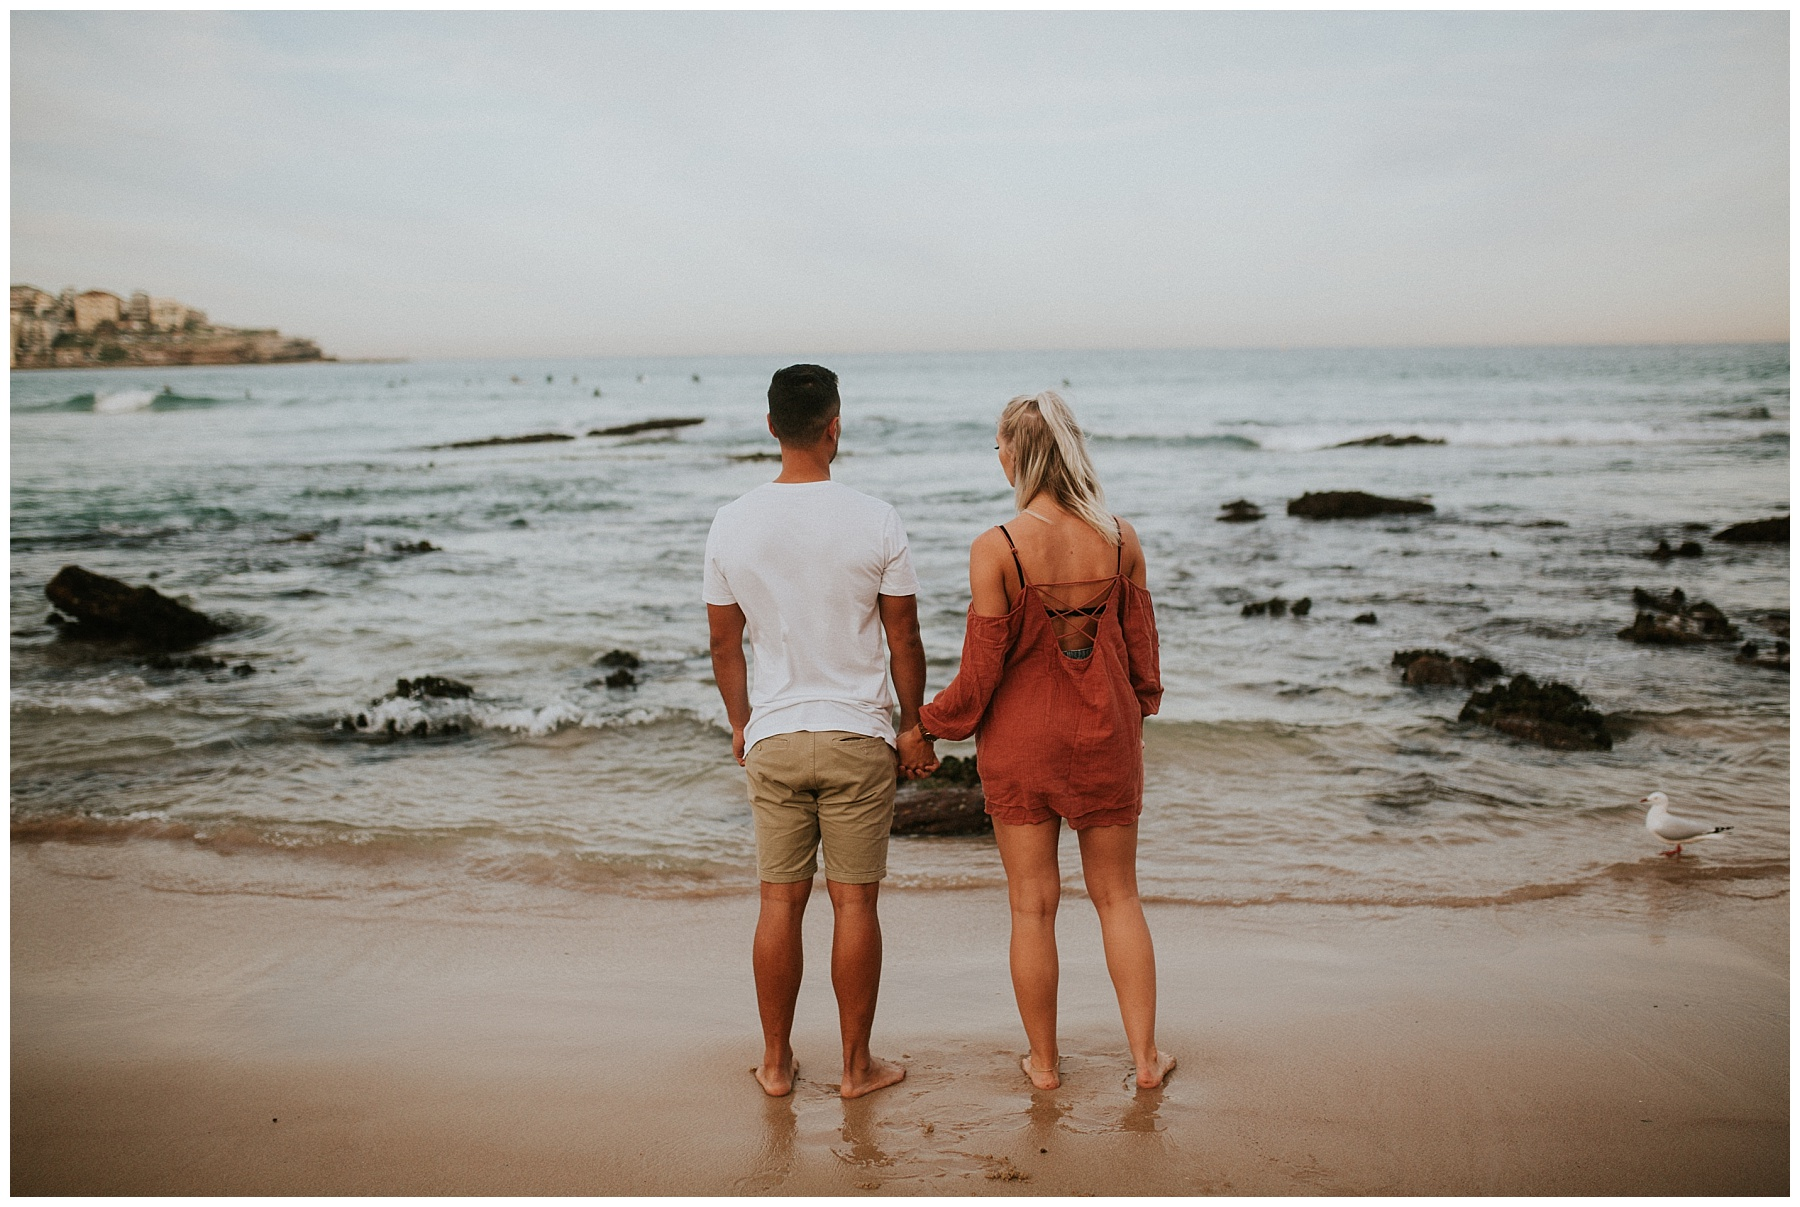 Chris-Hannahs-Couple-Shoot-Bondi-Beach-12.jpg